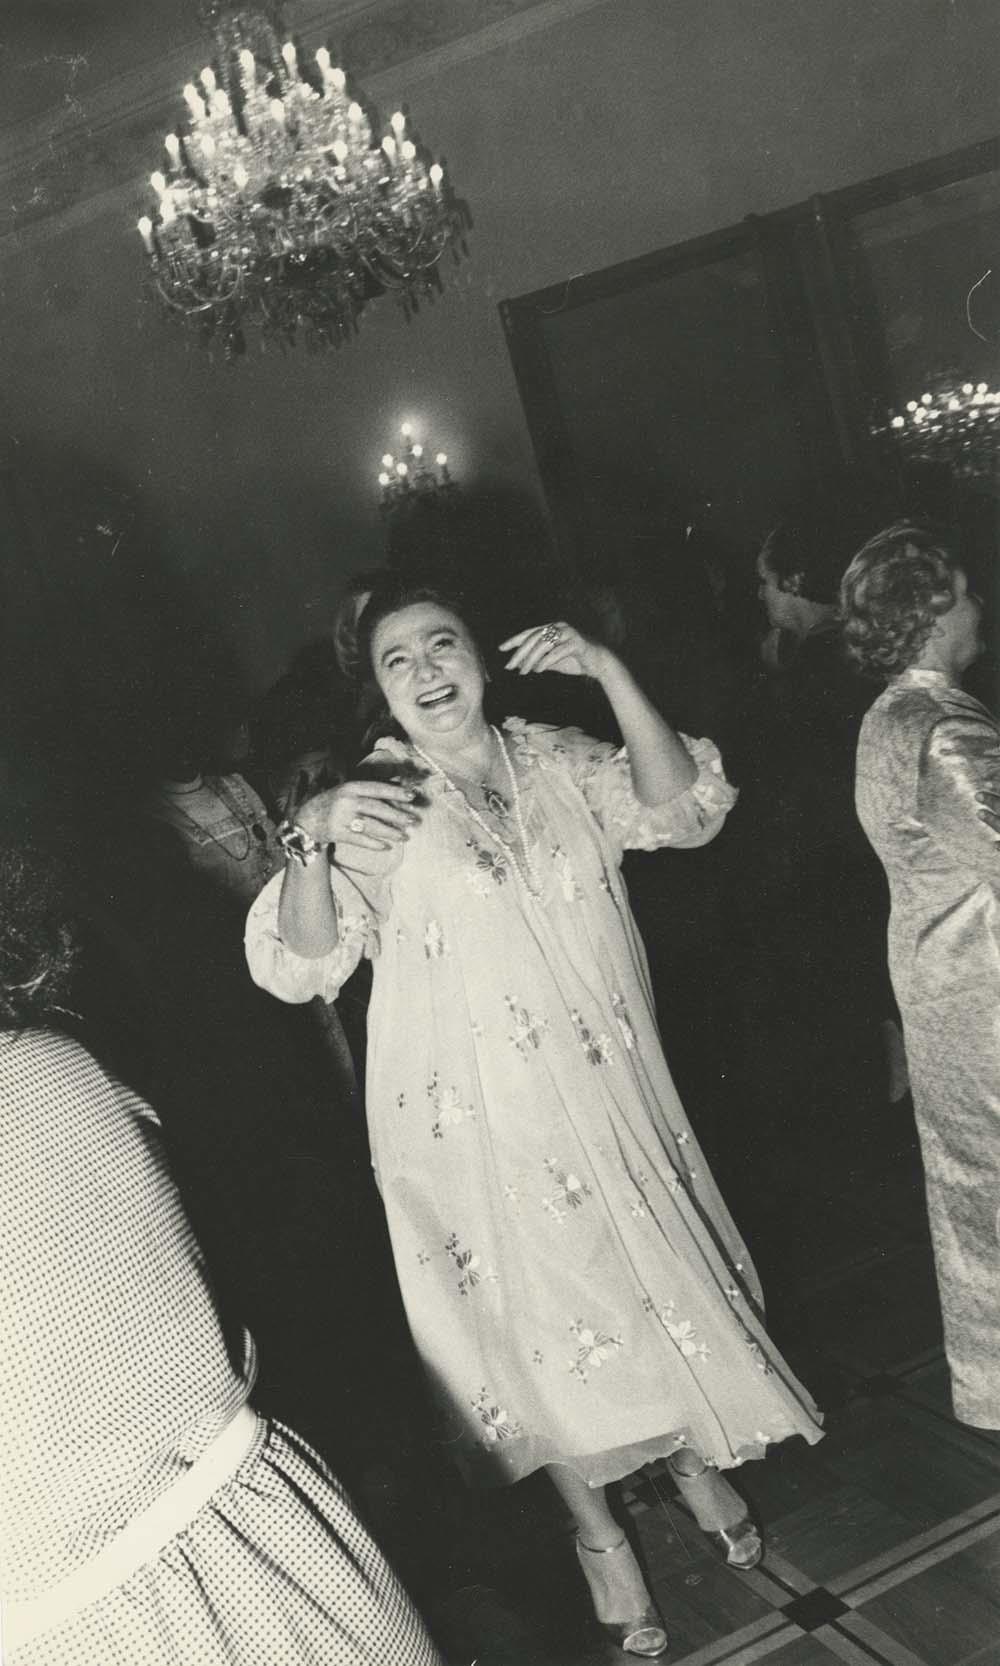 1980. Г. Брежнева на приеме в Комитете советских женщин